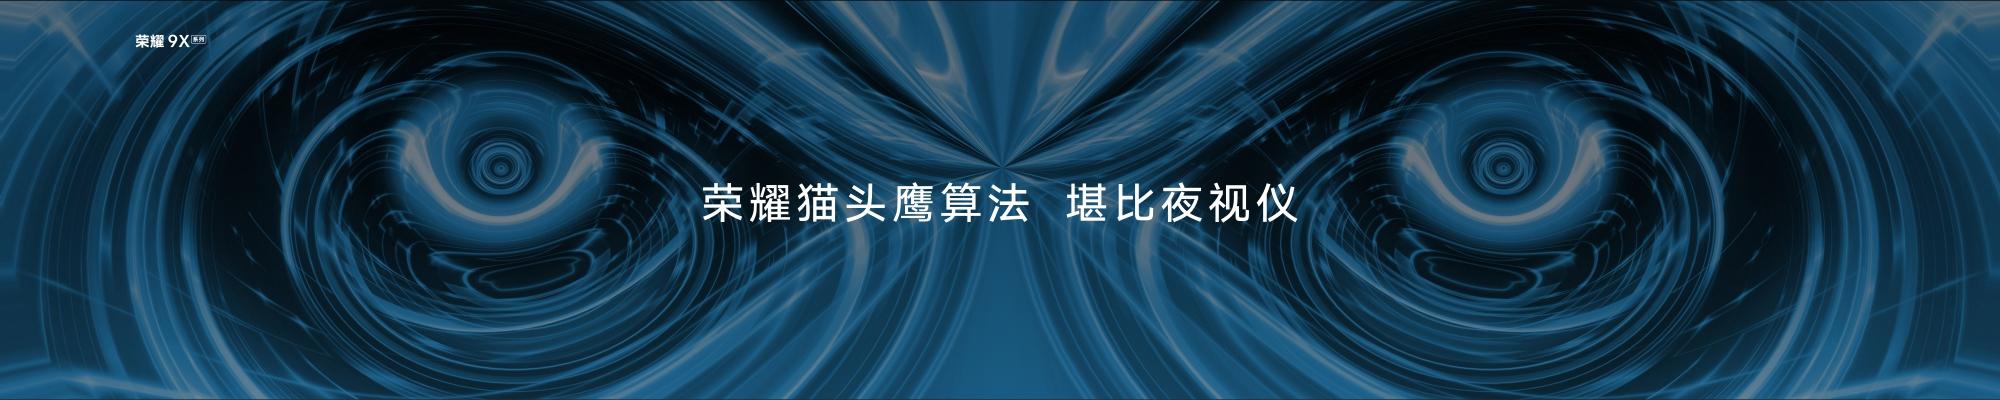 浩克胶片中文版0723-1322整合版-等价格.087.jpeg